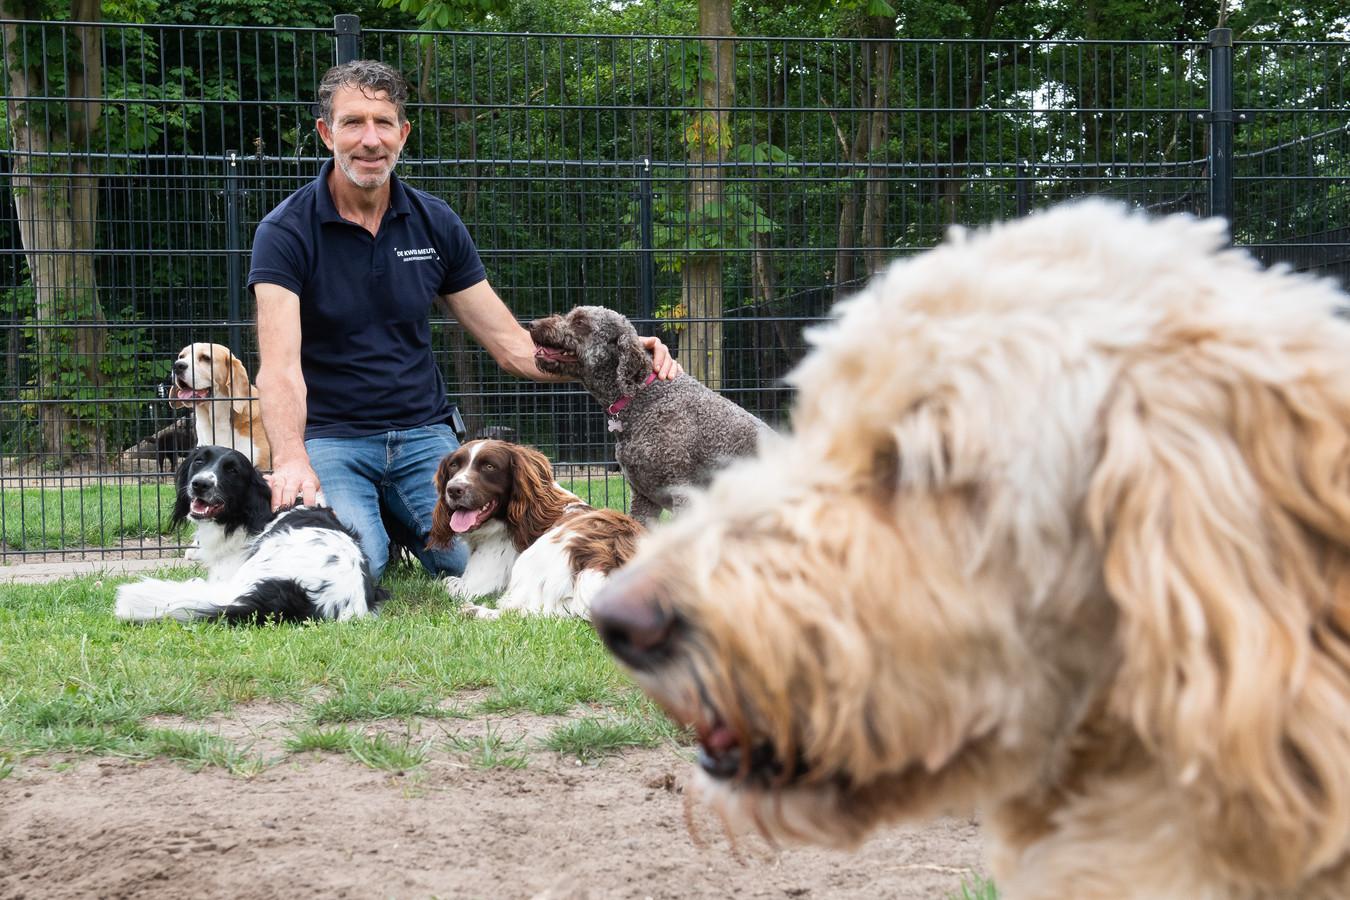 Drukte bij dierenpension Kweb Meute. Wiljan van den Broek met enkele van zijn gasten.